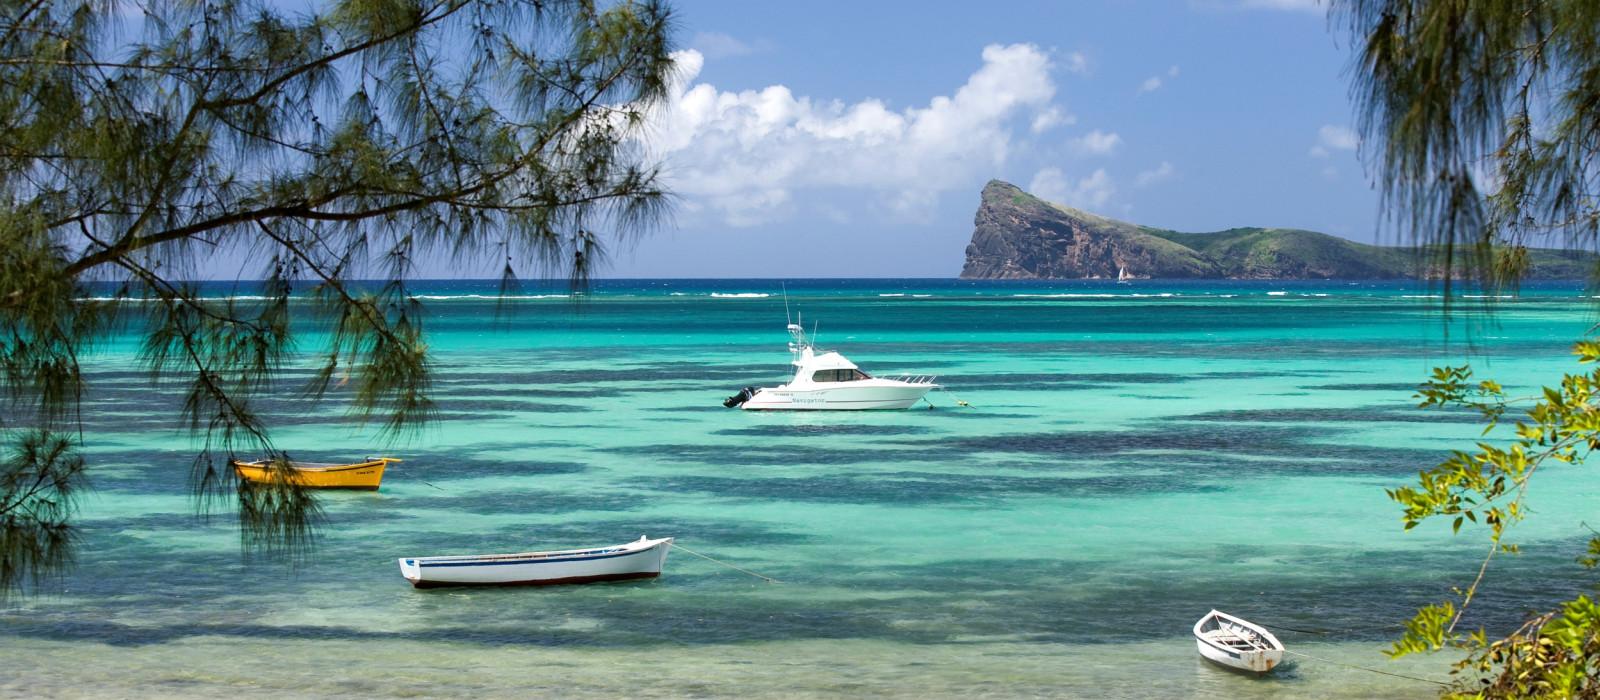 South Africa Safari and Mauritius Beach Tour Trip 1